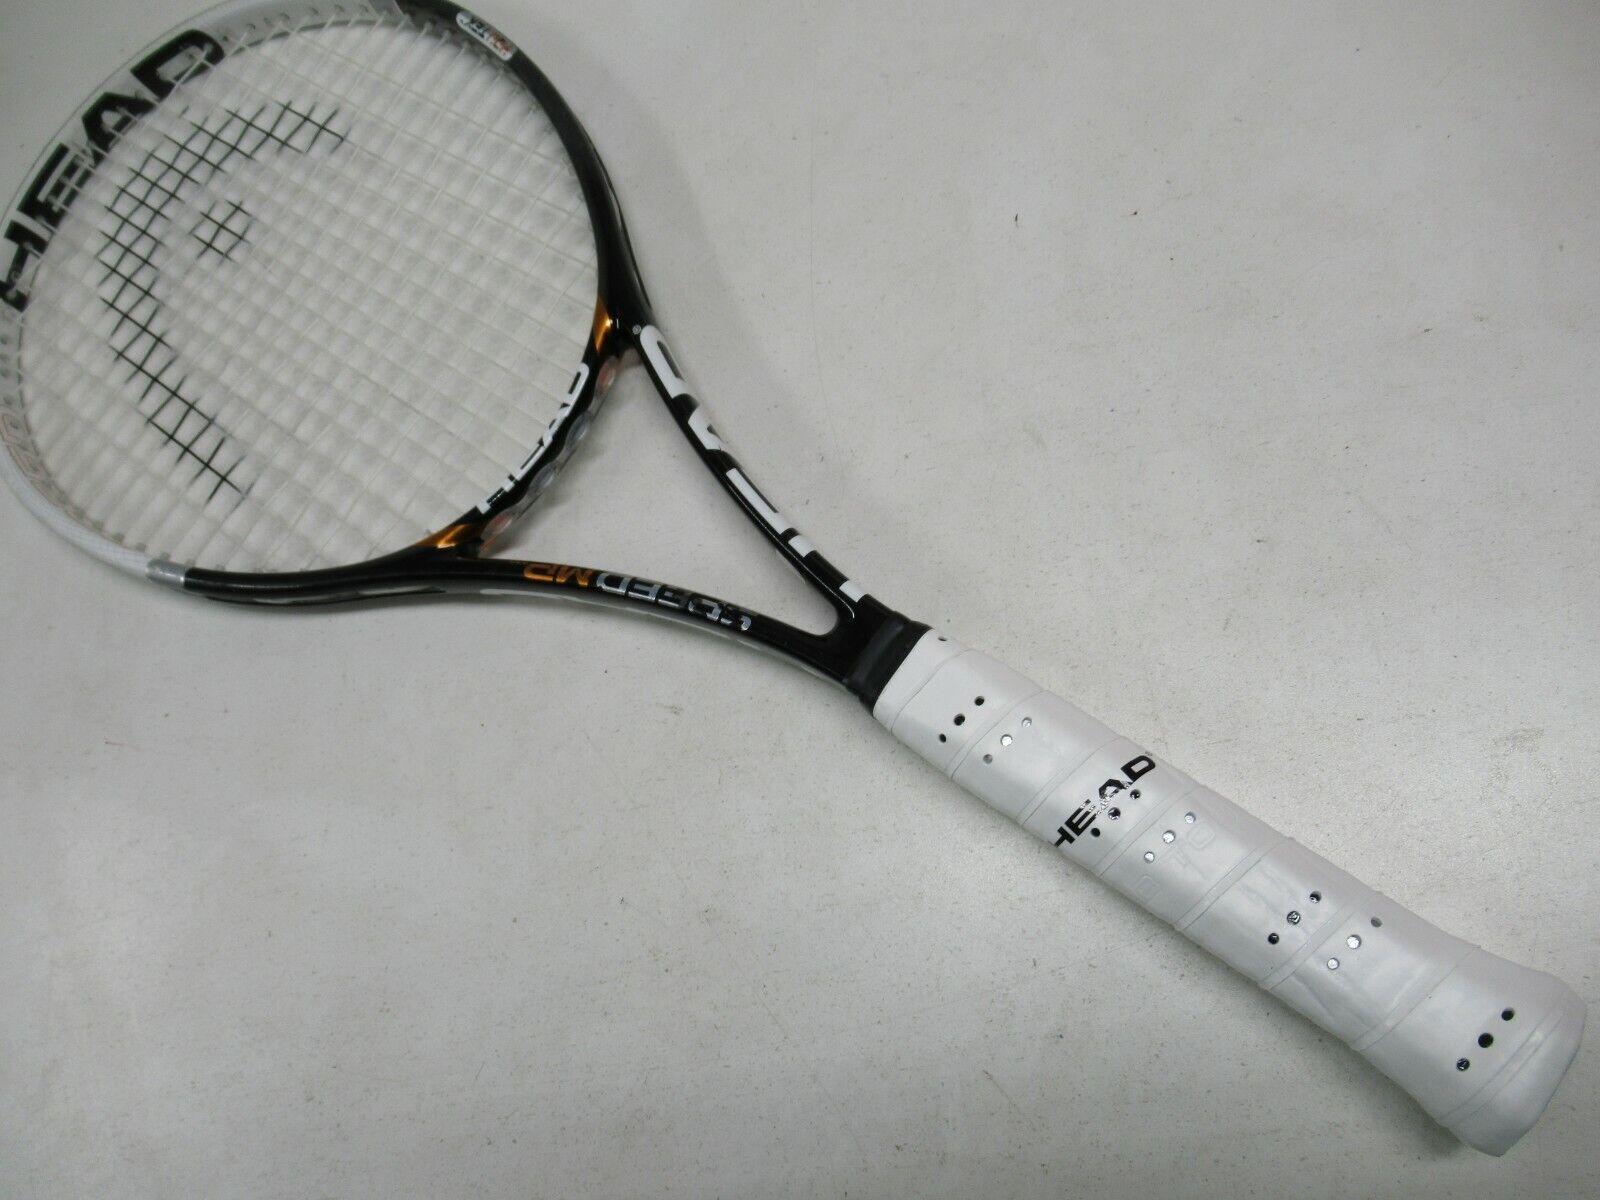 Cabeza Youtek Innegra velocidad  MP   300 tenis raqueta (4 1 2) nuevas cuerdas Agarre     punto de venta